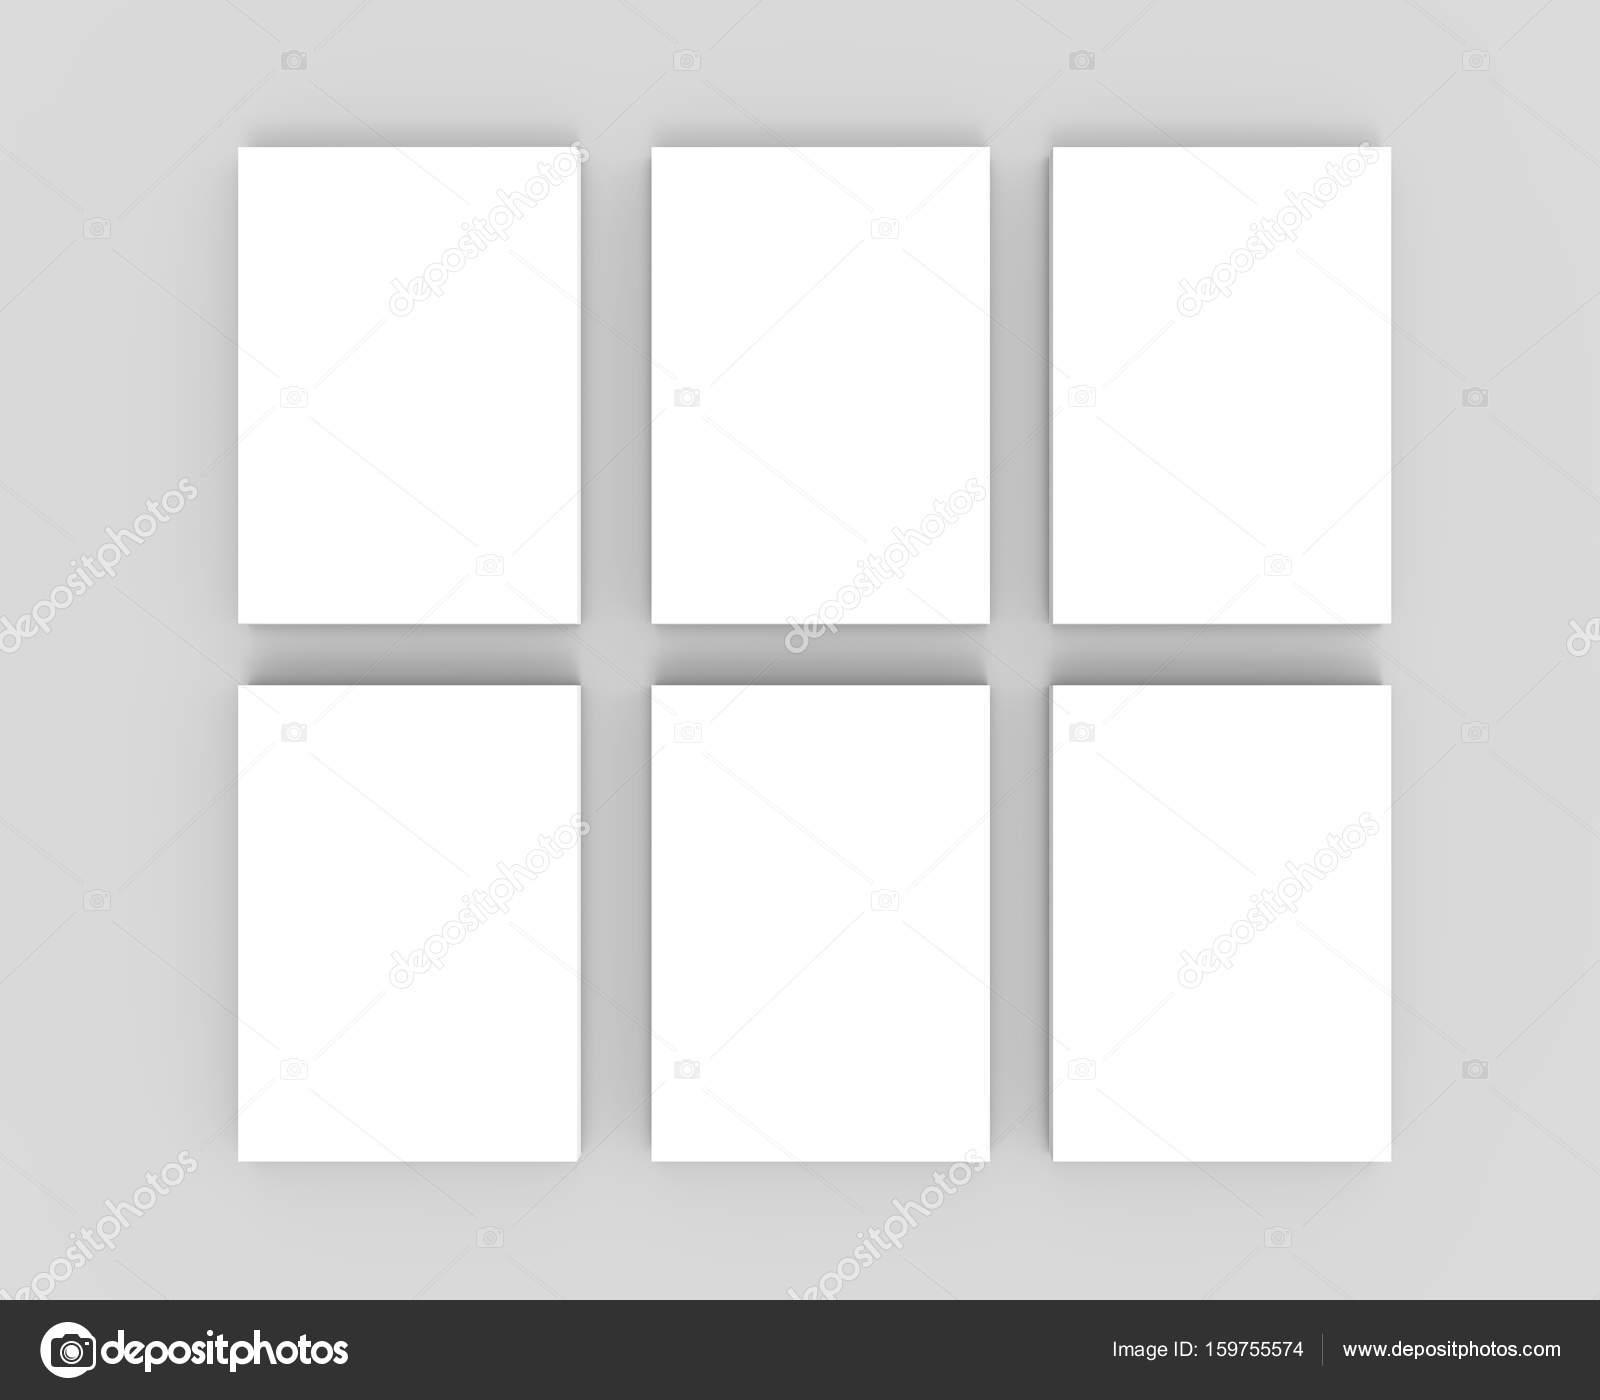 Leere Bücher Vorlage — Stockfoto © kchungtw #159755574